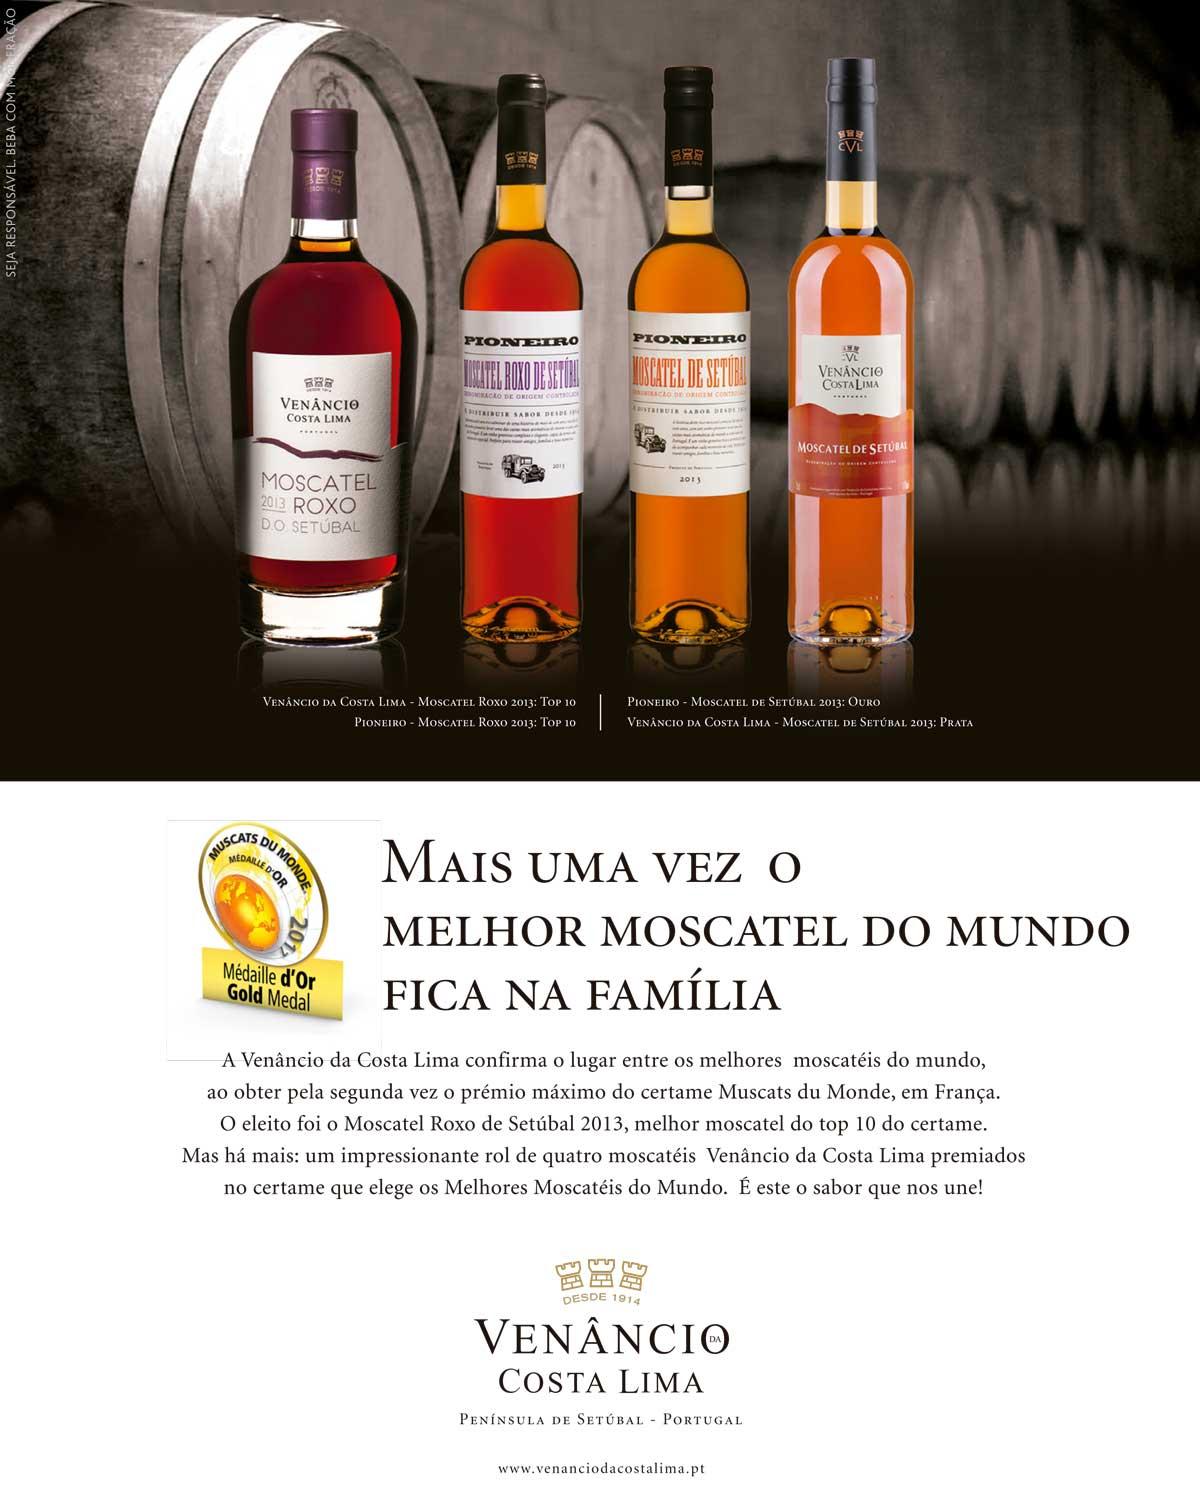 Anuncio imprensa VCL copywriting Tinta Amarela design Myhre design